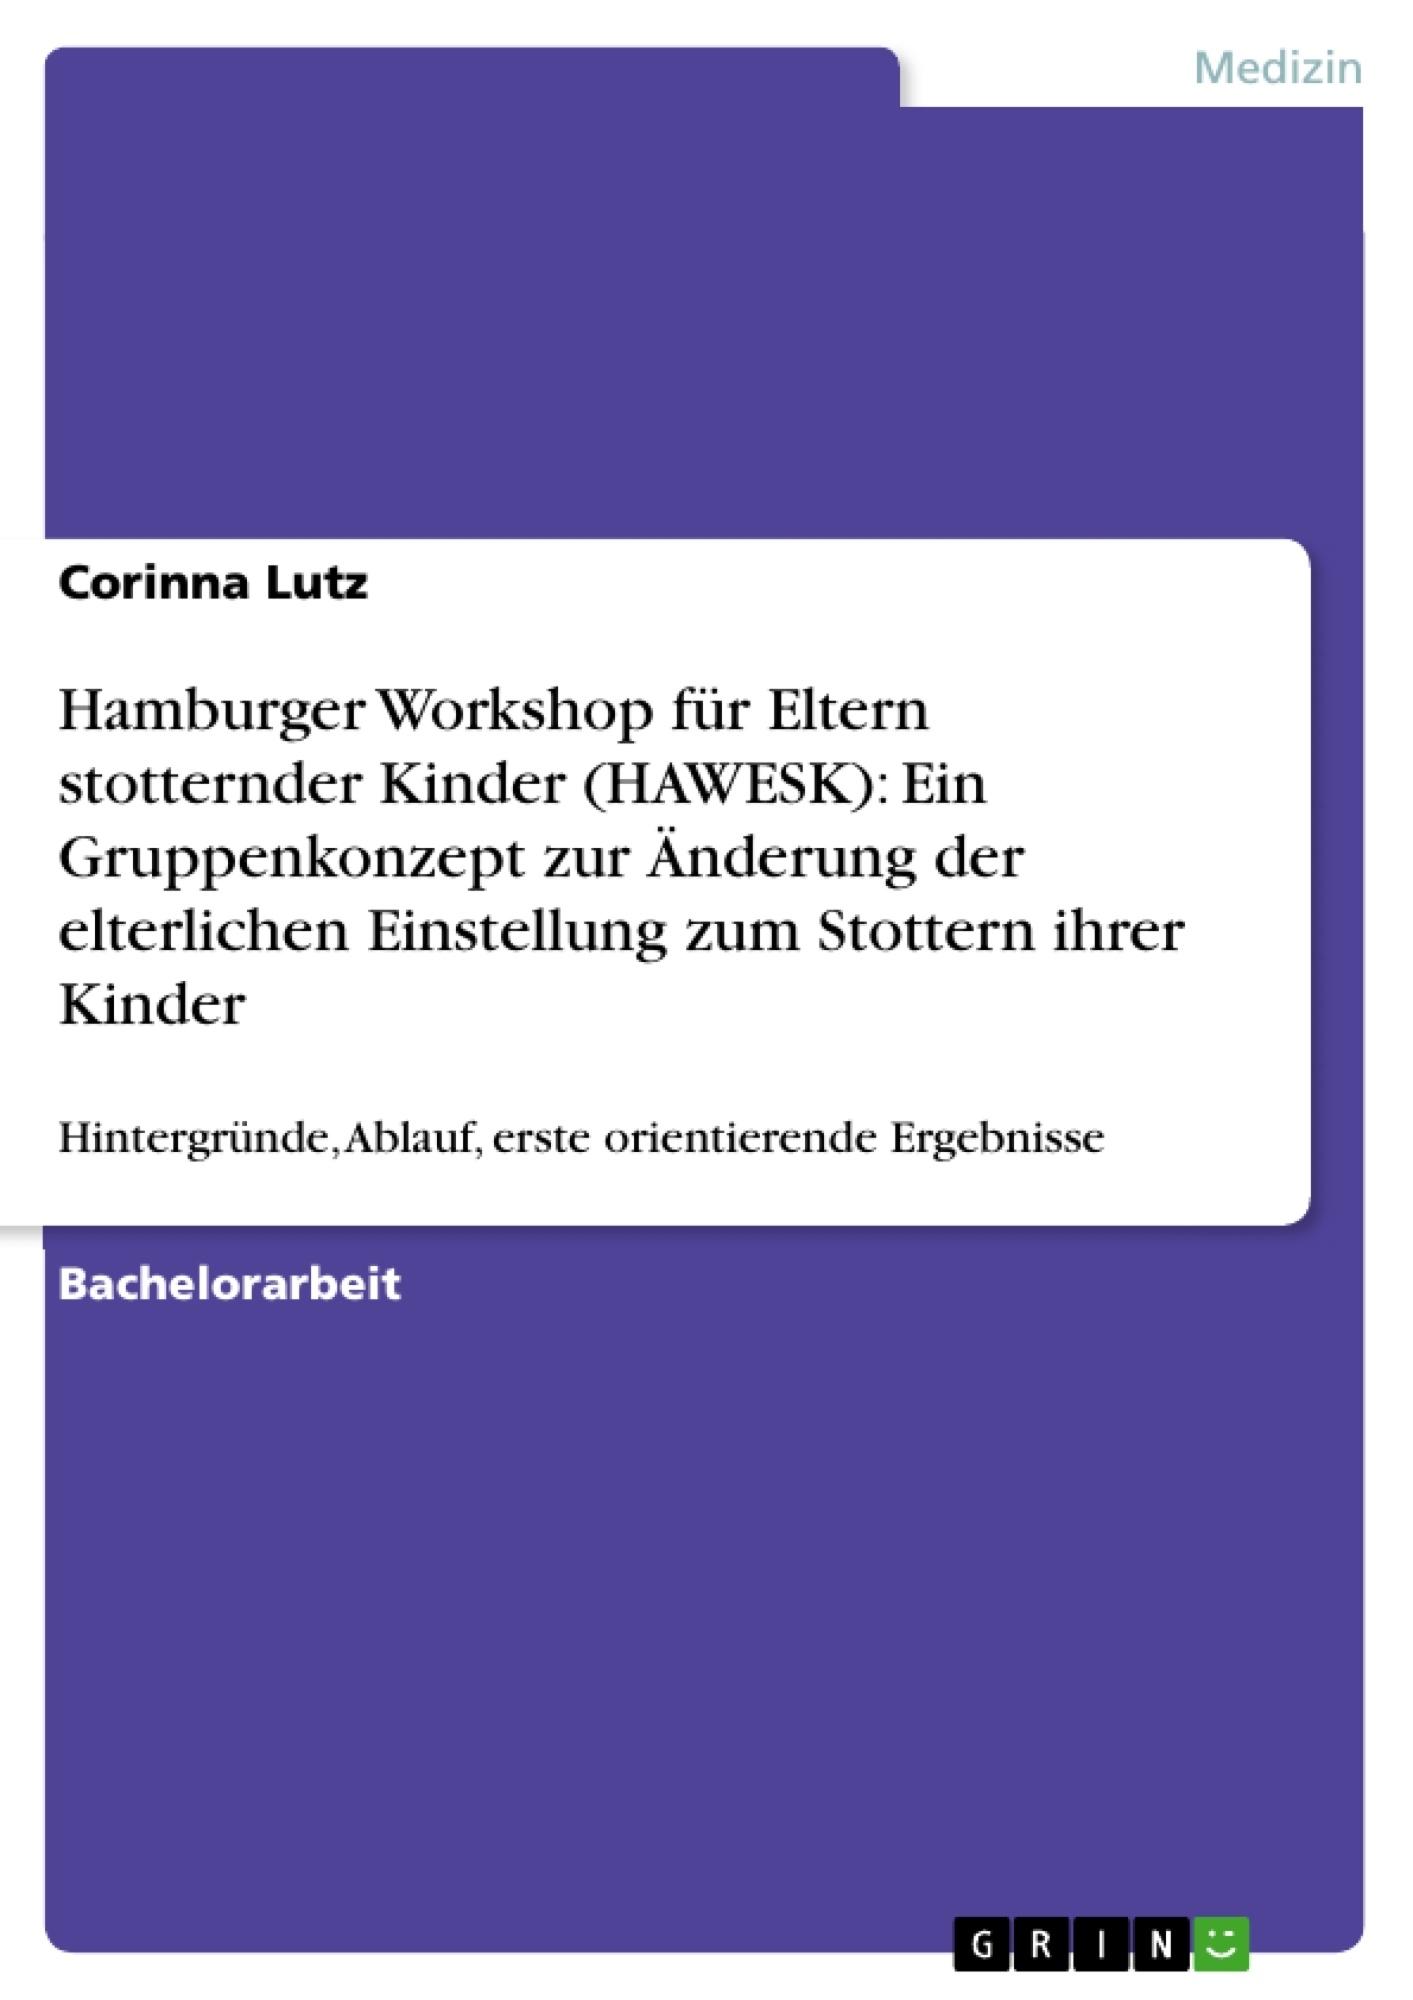 Titel: Hamburger Workshop für Eltern stotternder Kinder (HAWESK): Ein Gruppenkonzept zur Änderung der elterlichen Einstellung zum Stottern ihrer Kinder